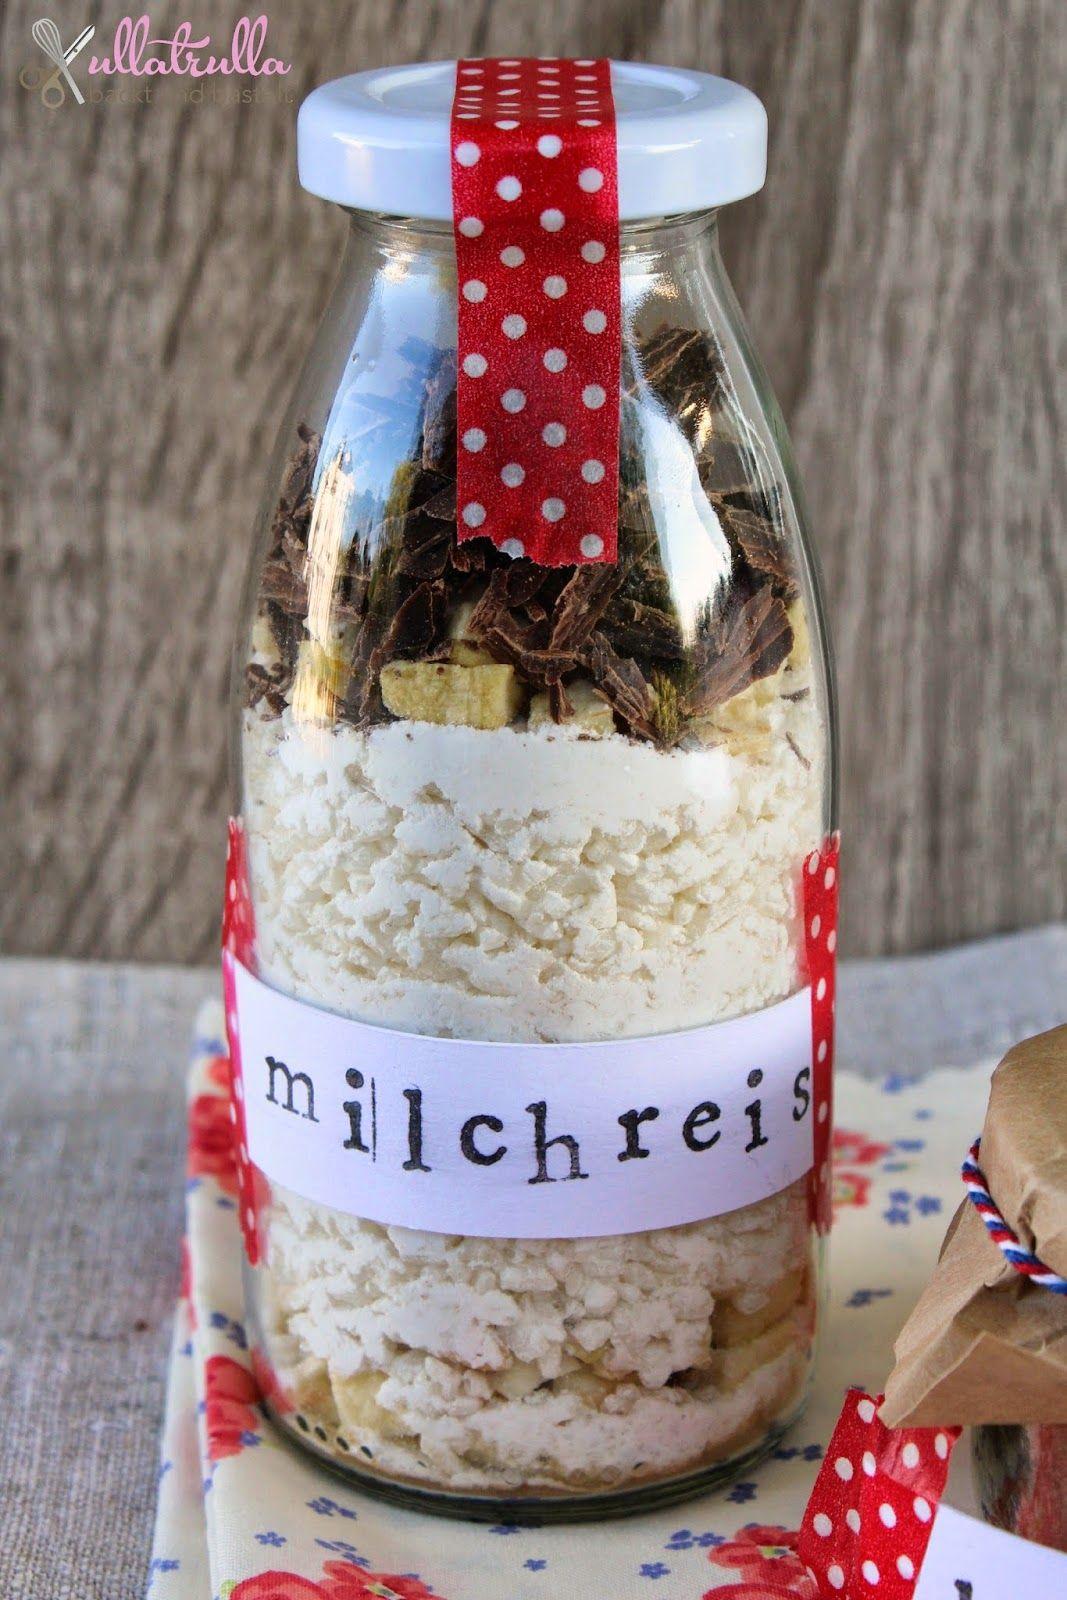 ullatrulla backt und bastelt: Geschenk aus der Küche | DIY für ein ...